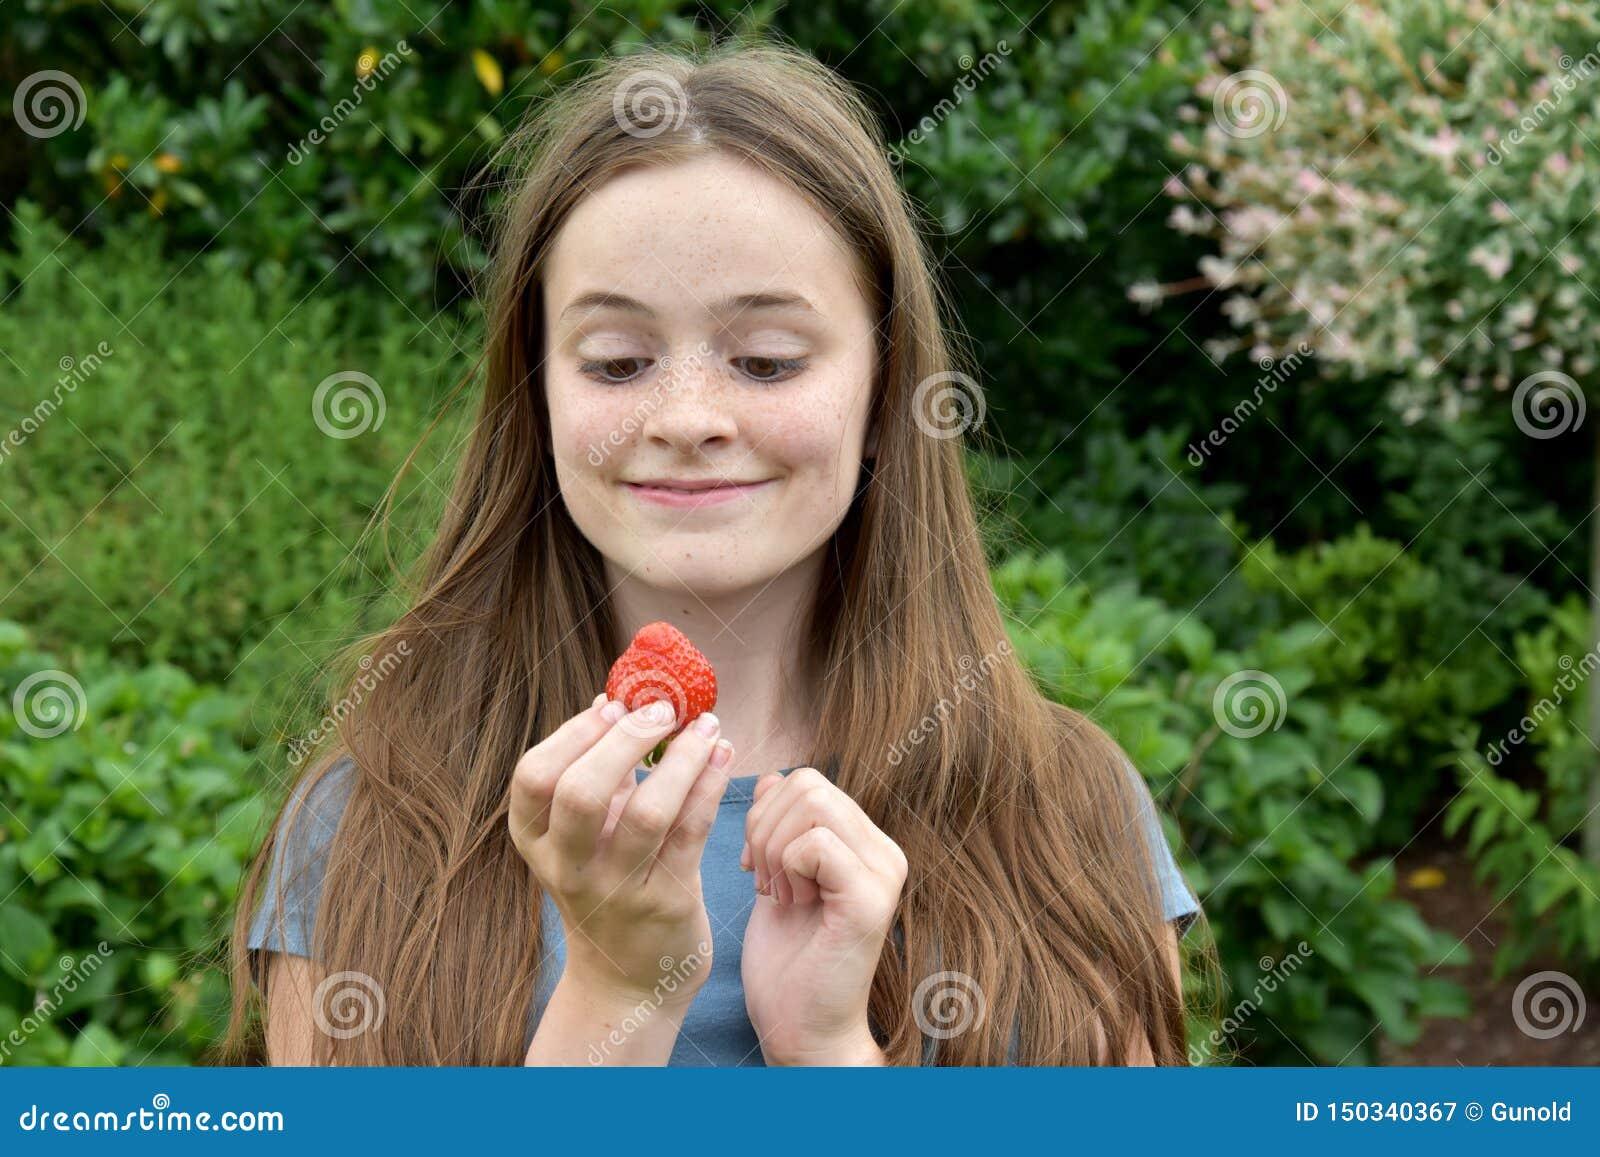 Девочка-подросток есть клубнику